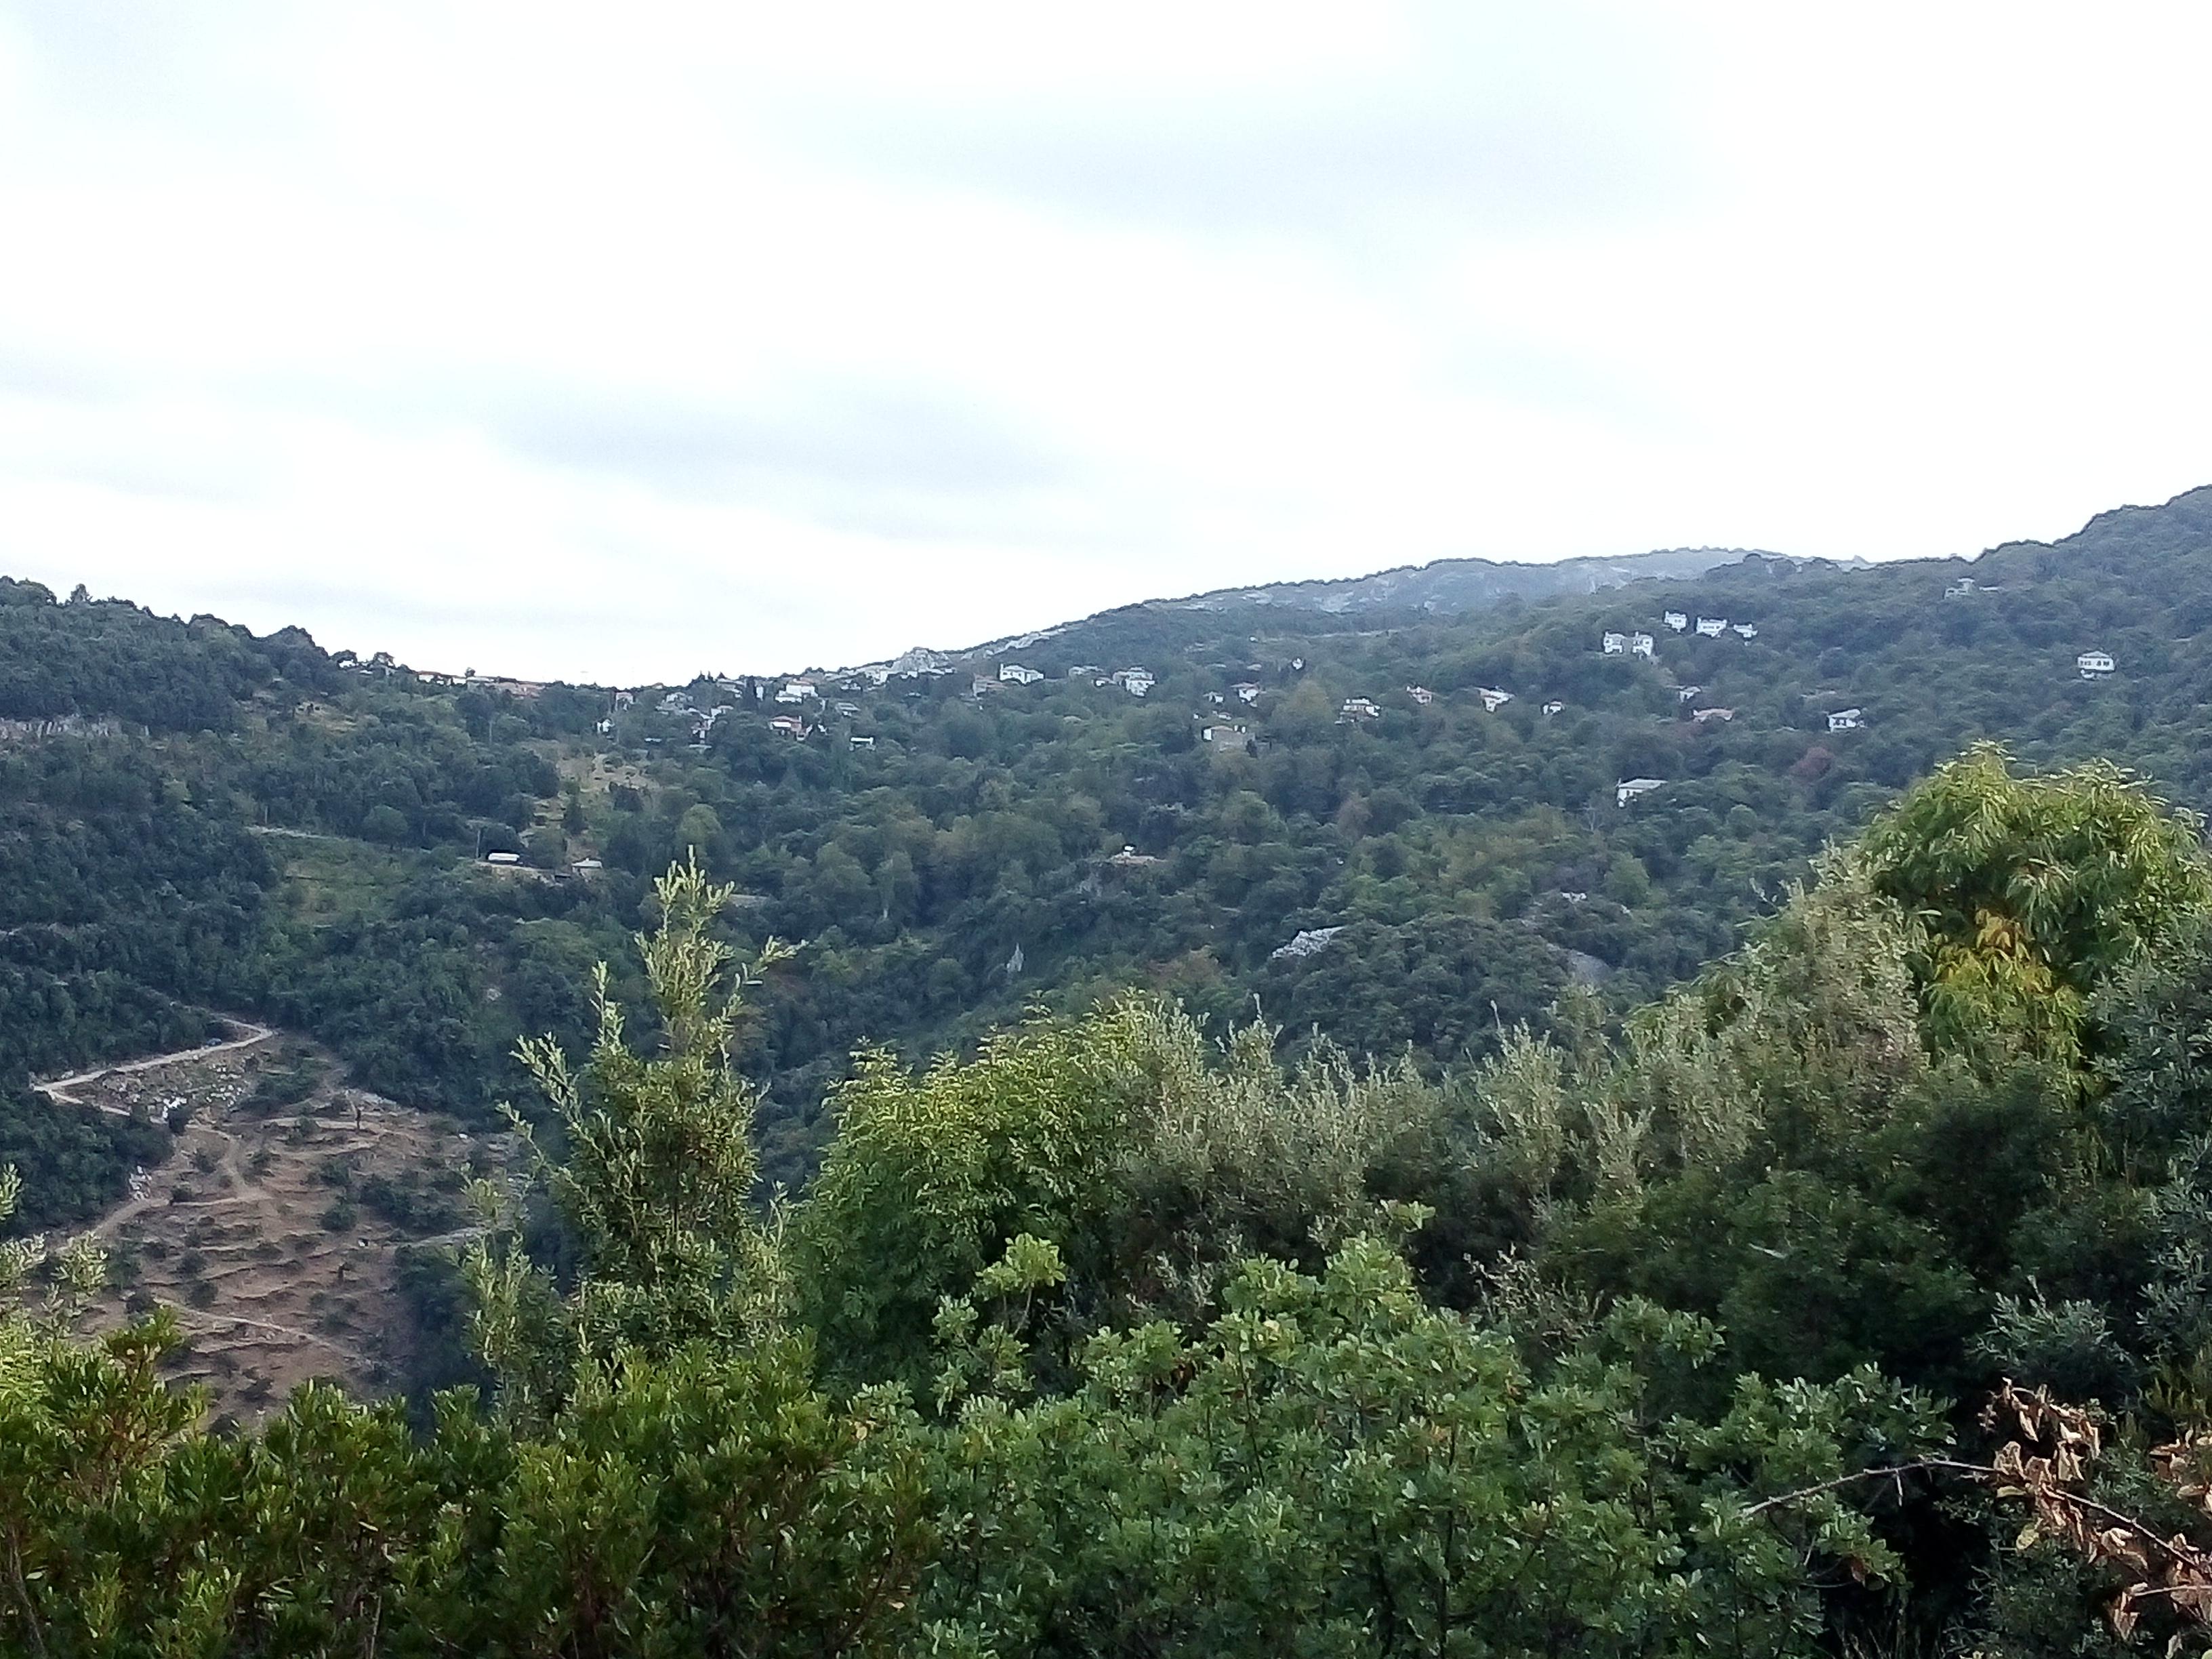 Село Цагарада е обвито в зеленина